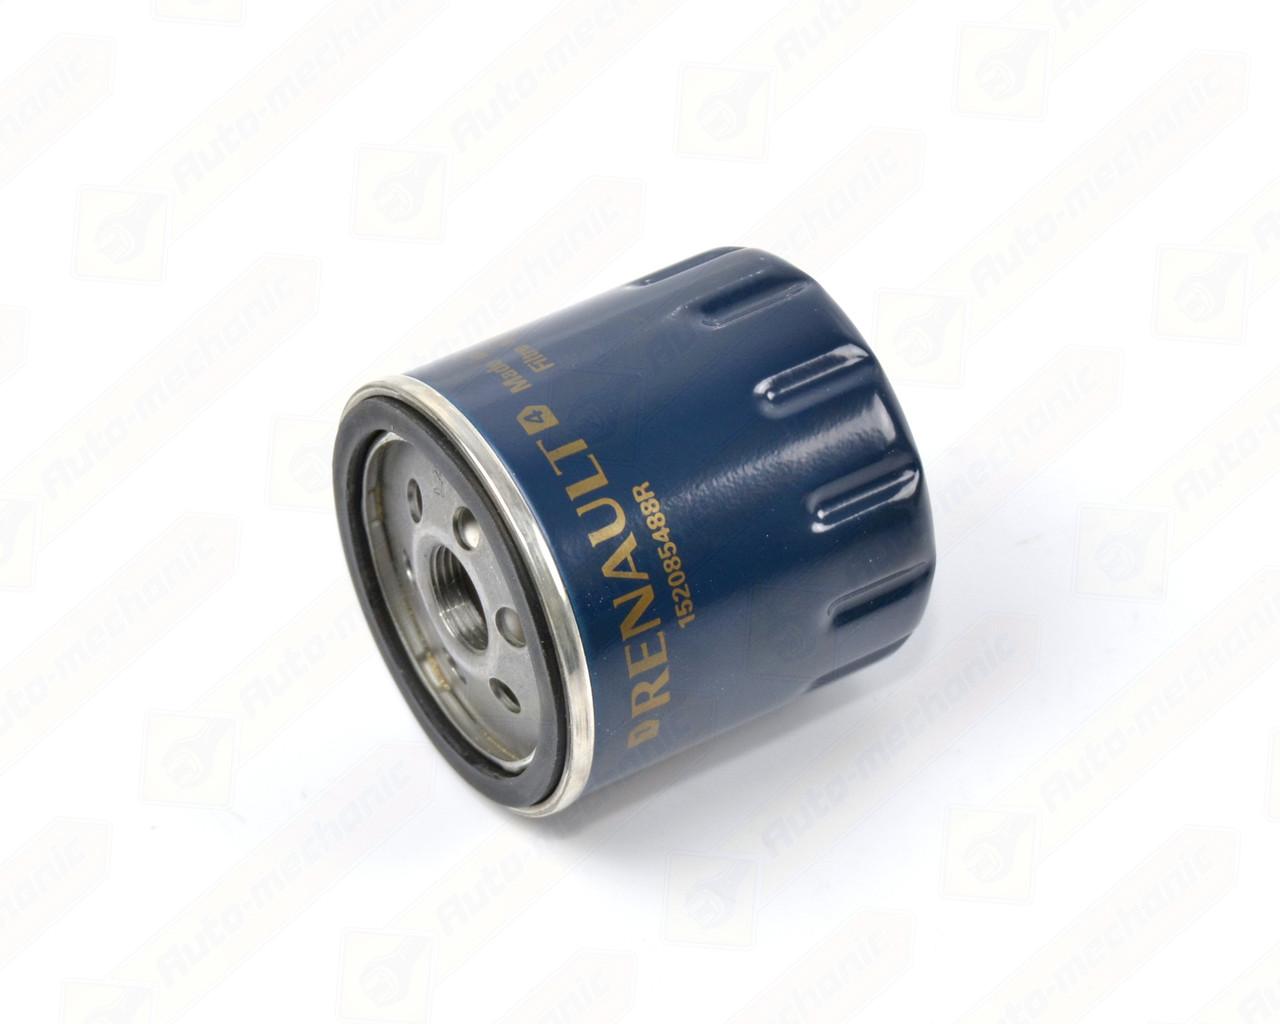 Фильтр масла на Renault Lodgy - Renault (Оригинал) - 152085488R